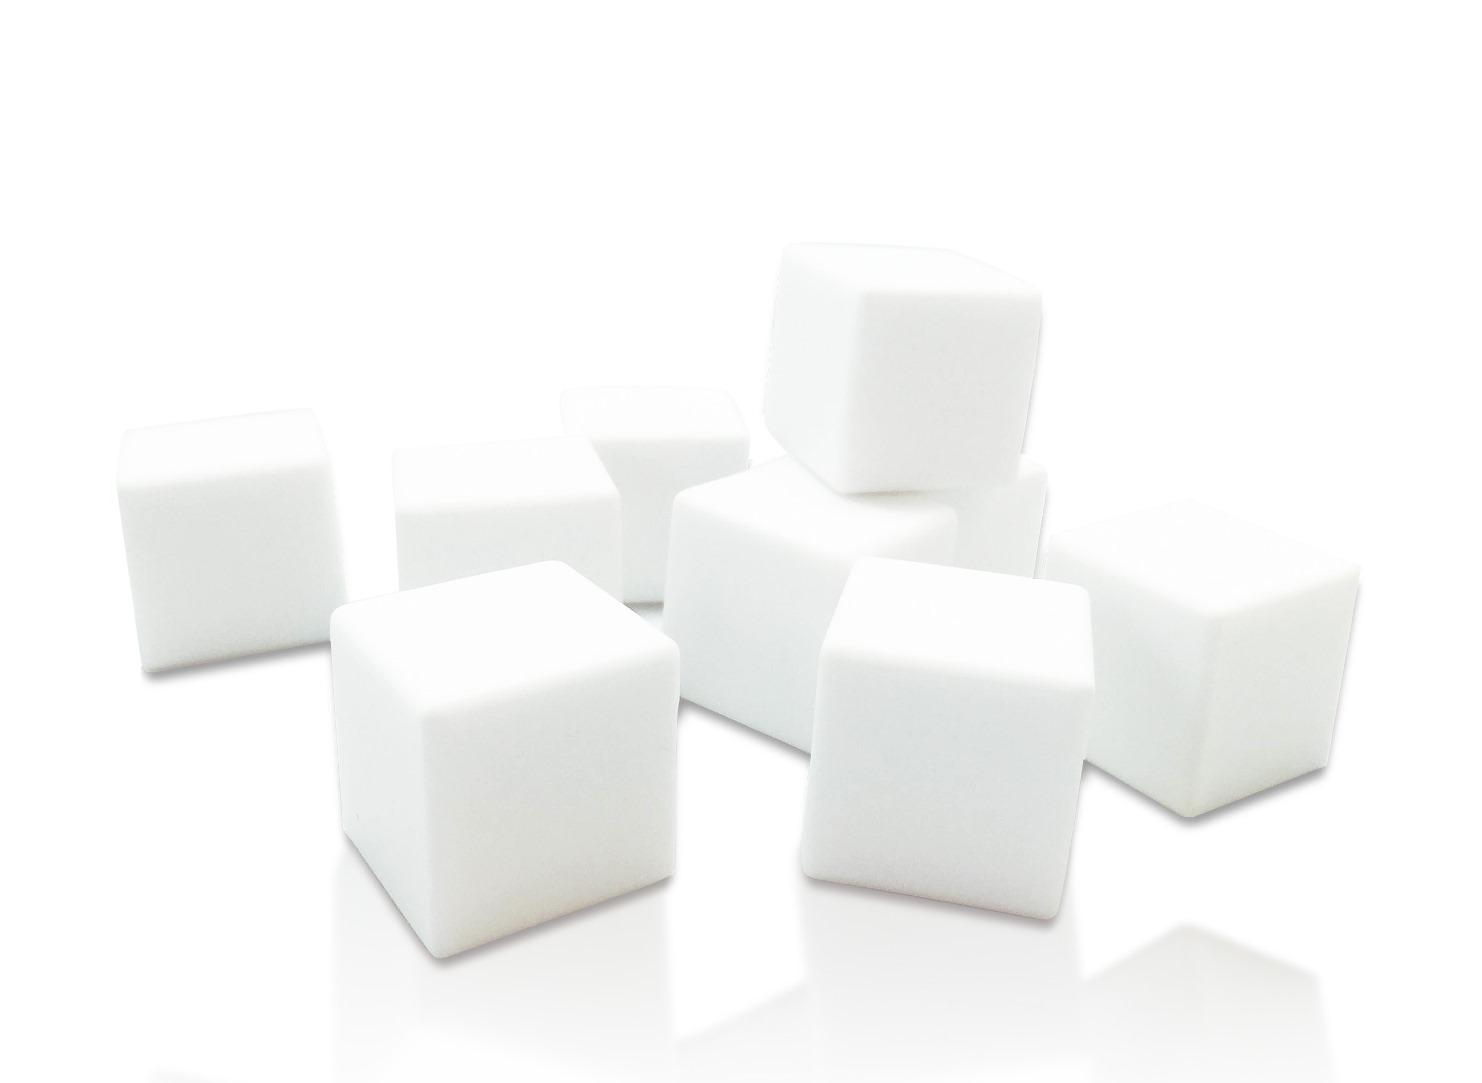 Онлайн каталог PROMENU: Камни для охлаждения керамические VinBouquet TO CHILL, белый, 9 штук VinBouquet FIE 084